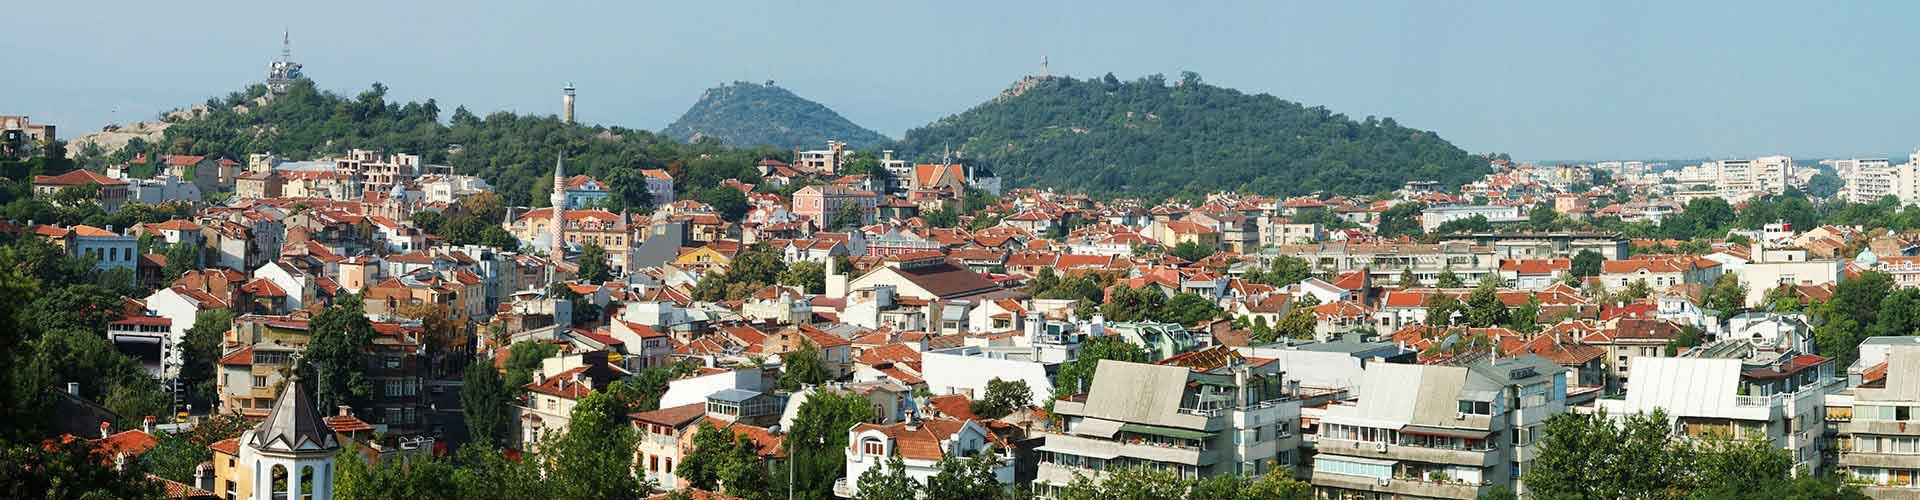 Plovdiv - Jugendherbergen in Centyra. Karten für Plovdiv. Fotos und Bewertungen für jede Jugendherberge in Plovdiv.